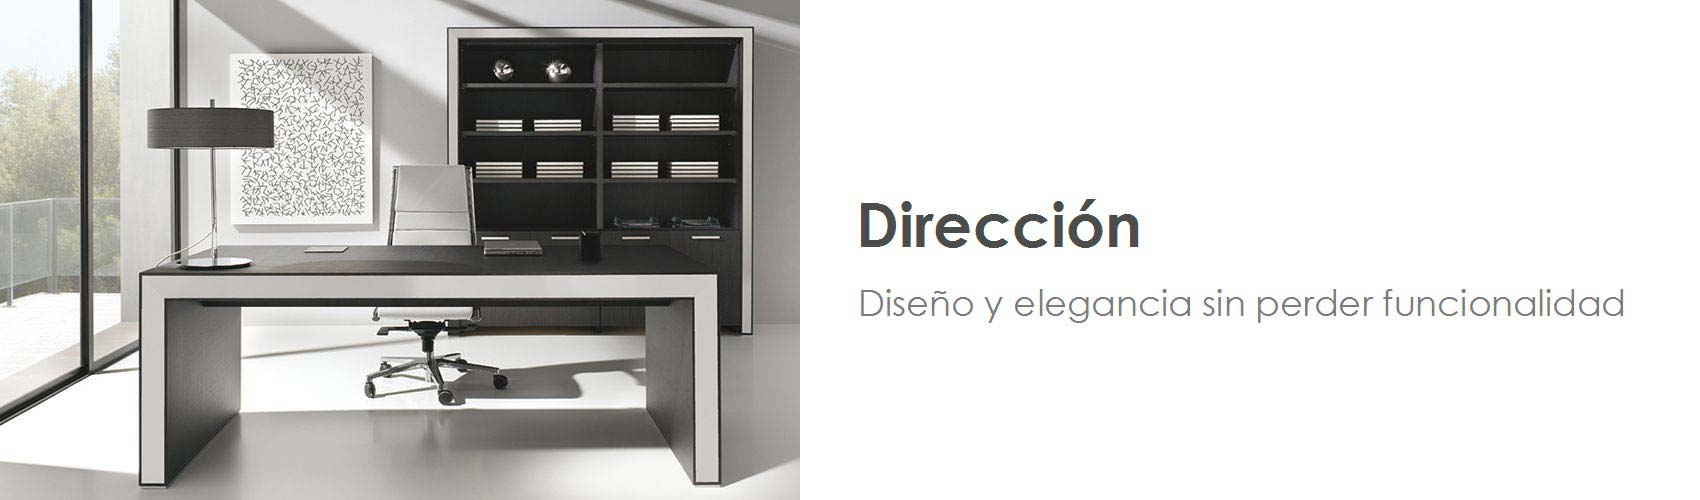 Diseno De Muebles Para Oficina.Muebles Para Oficina Muebles De Diseno Para Oficinas Macotosa Design